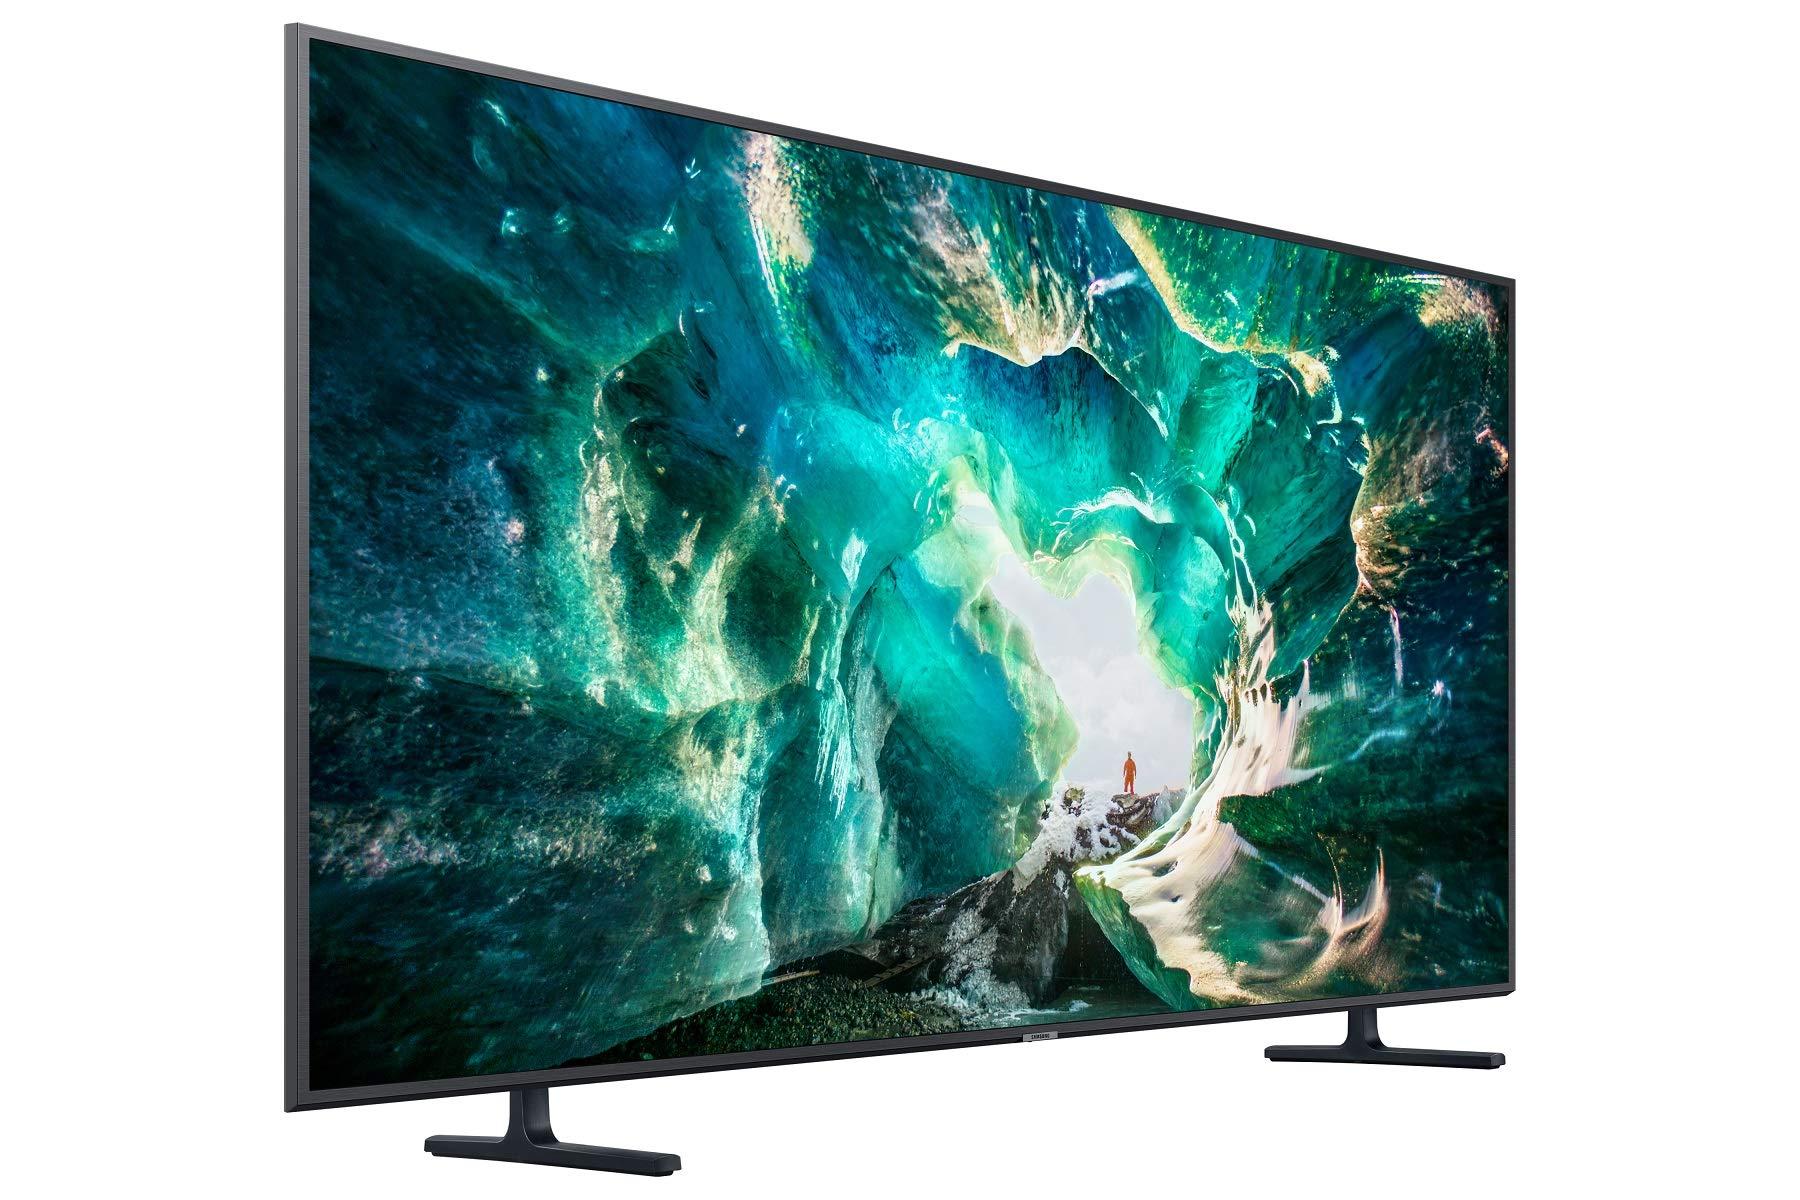 UE65RU8000: Amazon.es: Electrónica